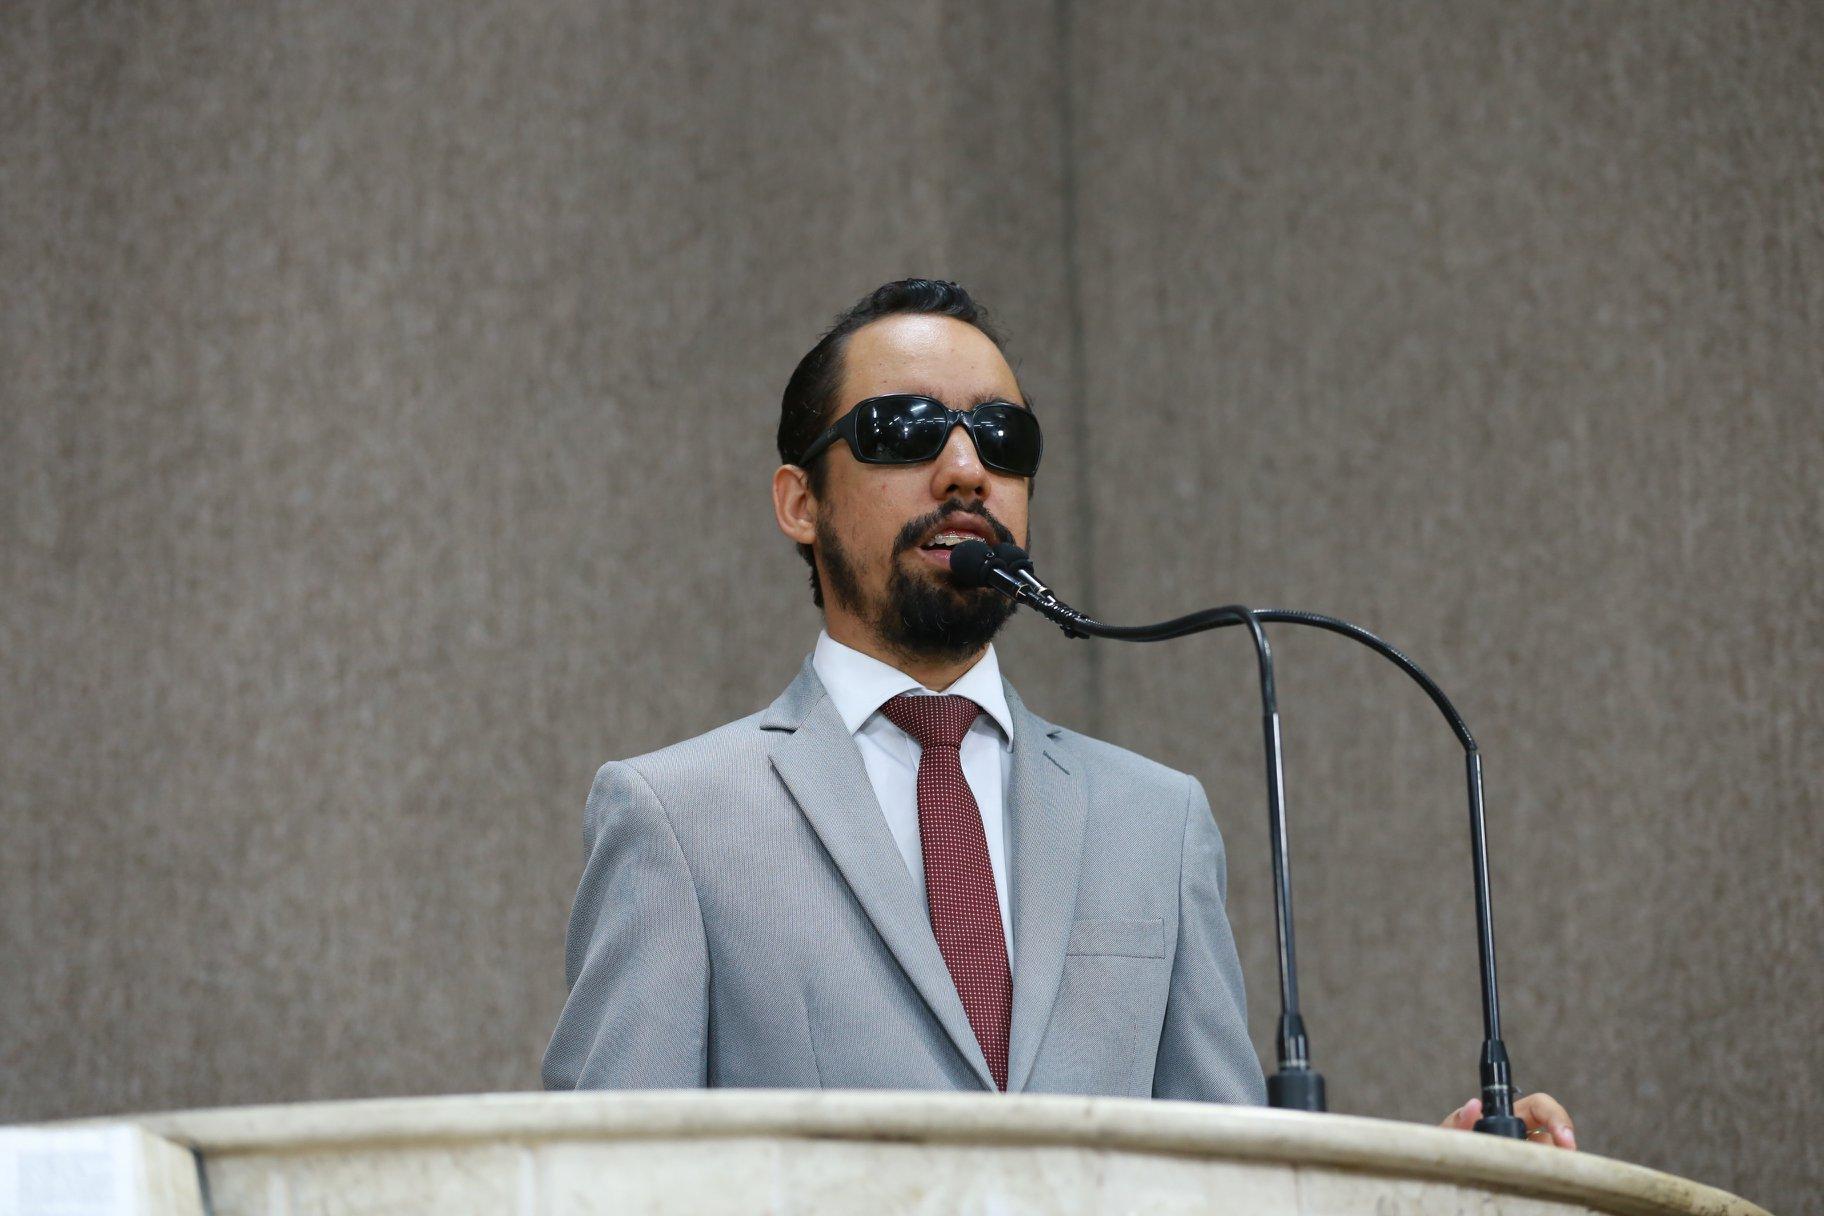 #PraTodoMundoVer Lucas em pé em frente ao microfone na tribuna da Câmara (Foto: Gilton Rosas)